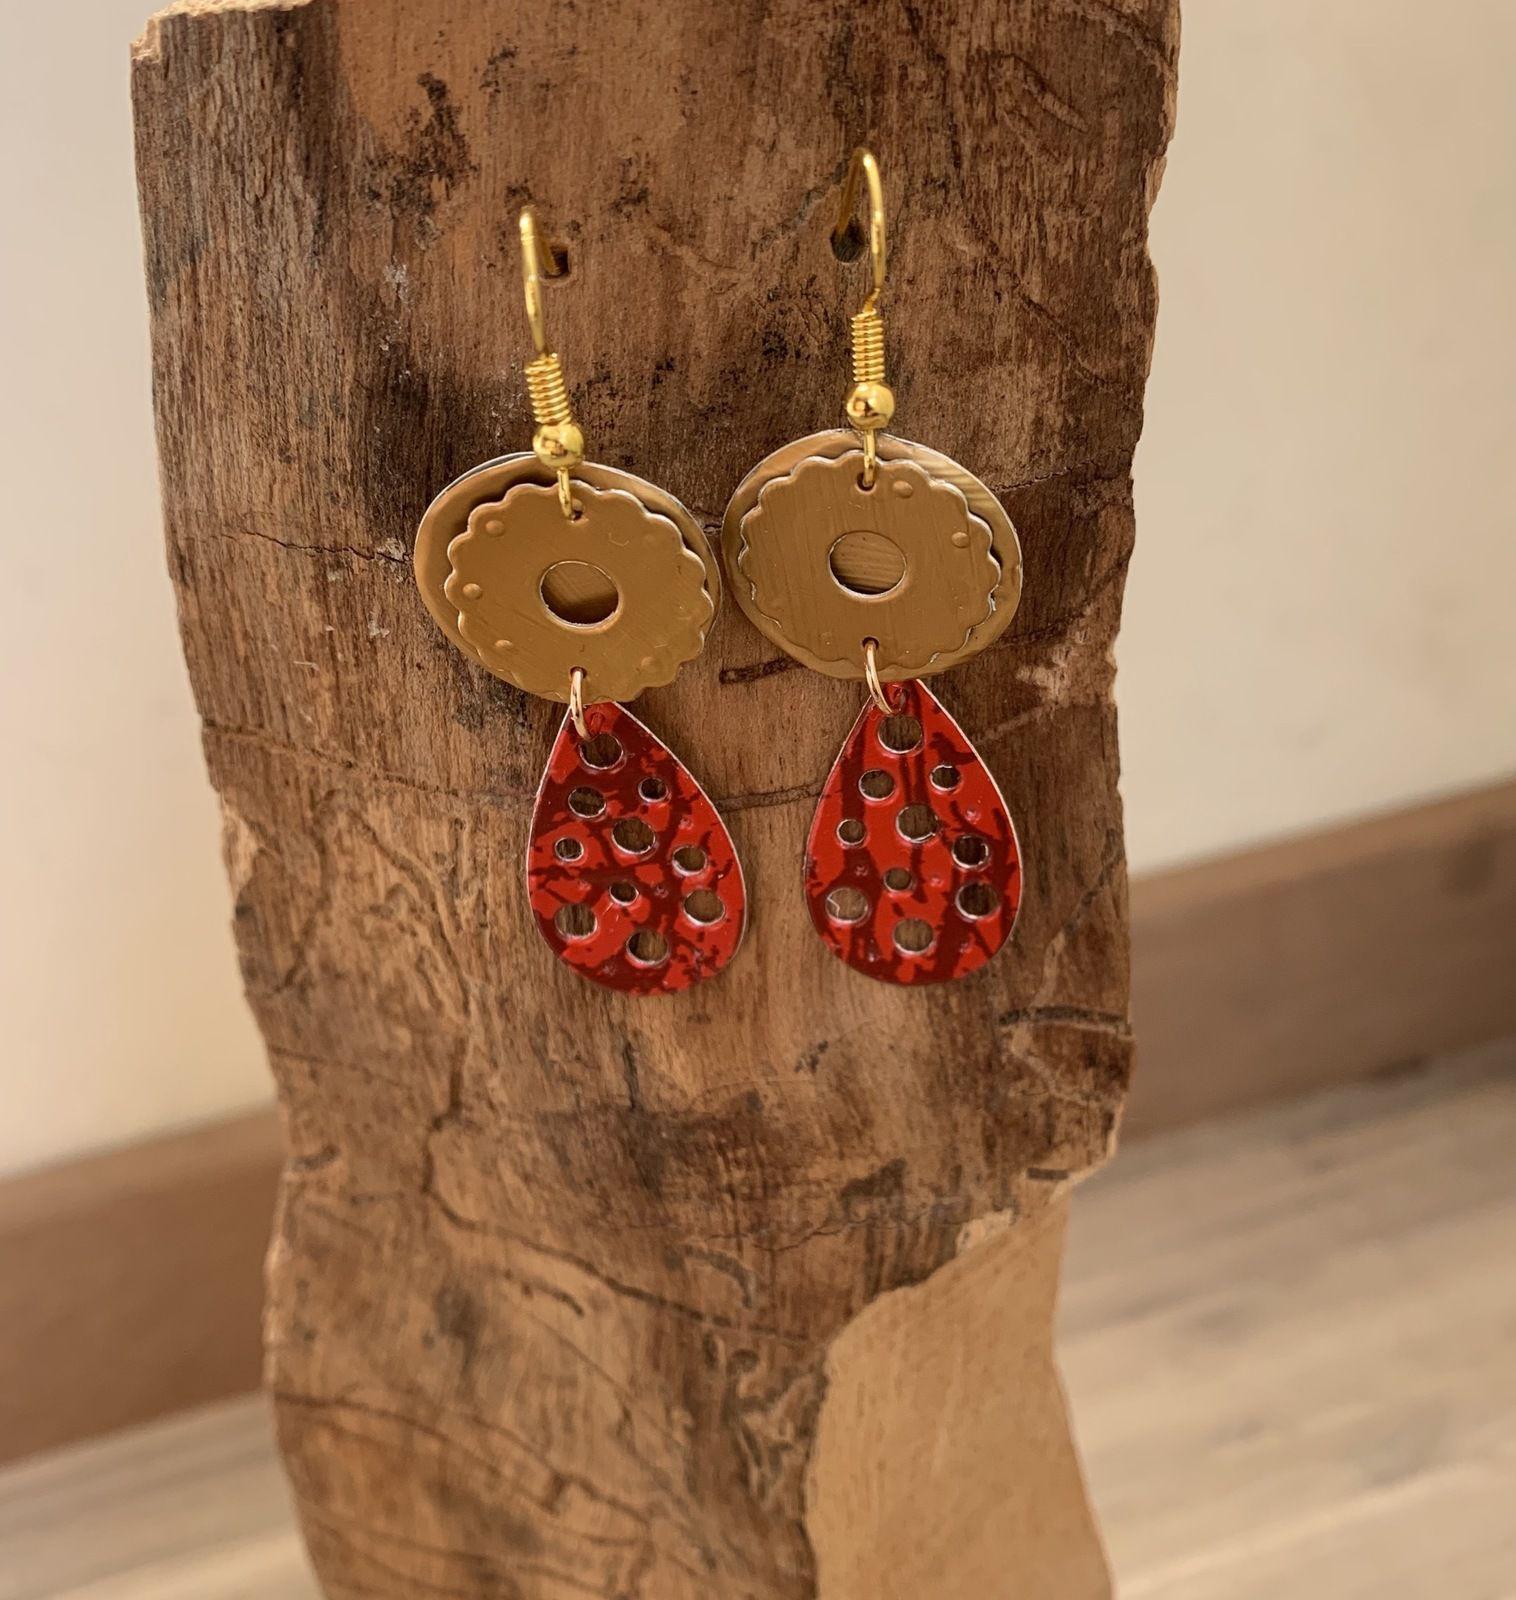 Boucles d'oreille rouges et dorées